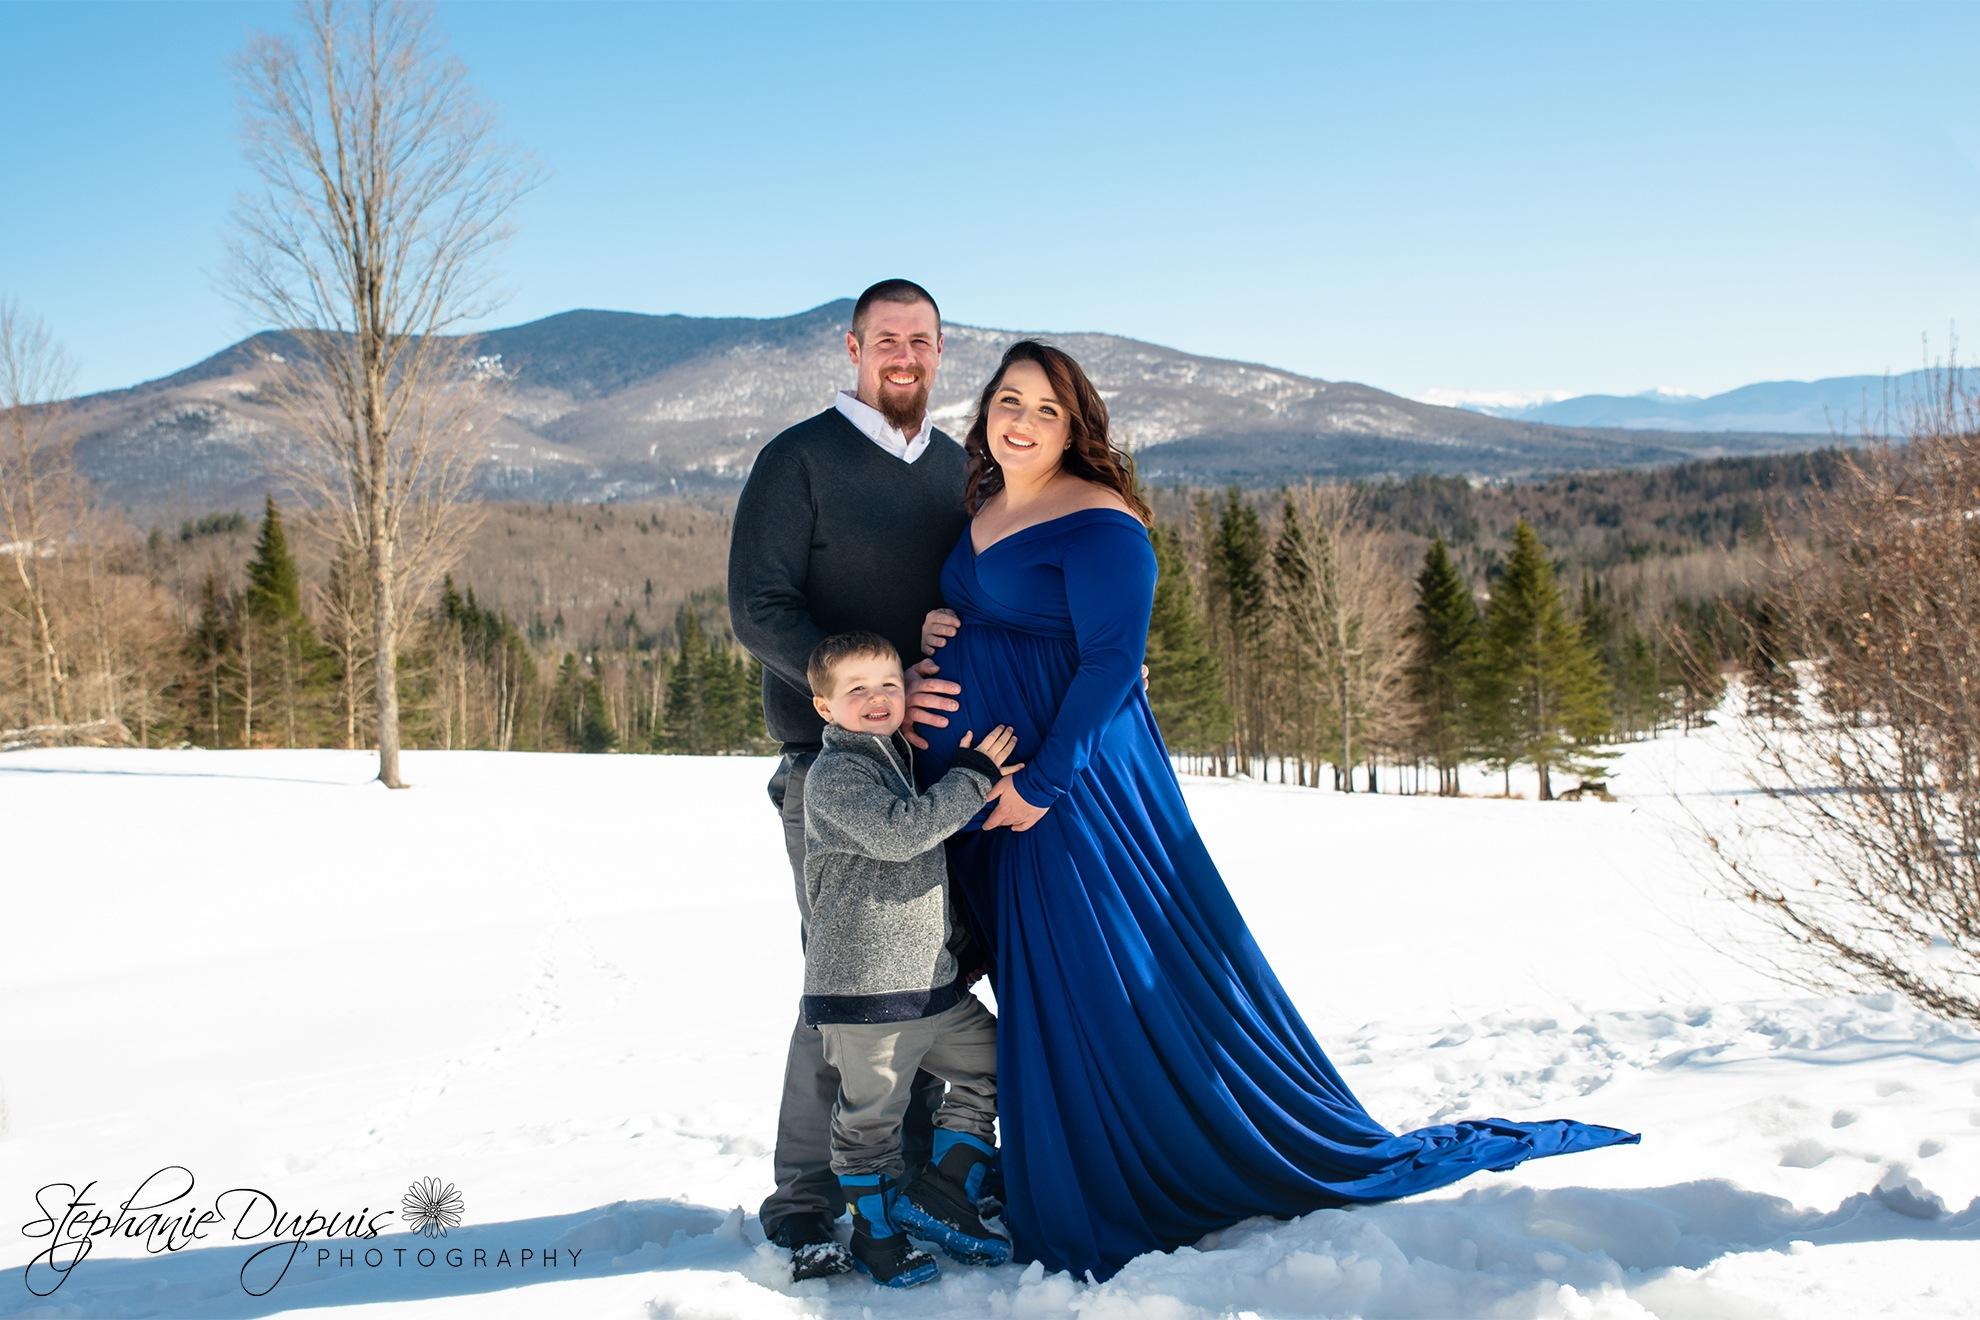 Jessica Maternity 1012 - Portfolio: Jessica - Maternity Session